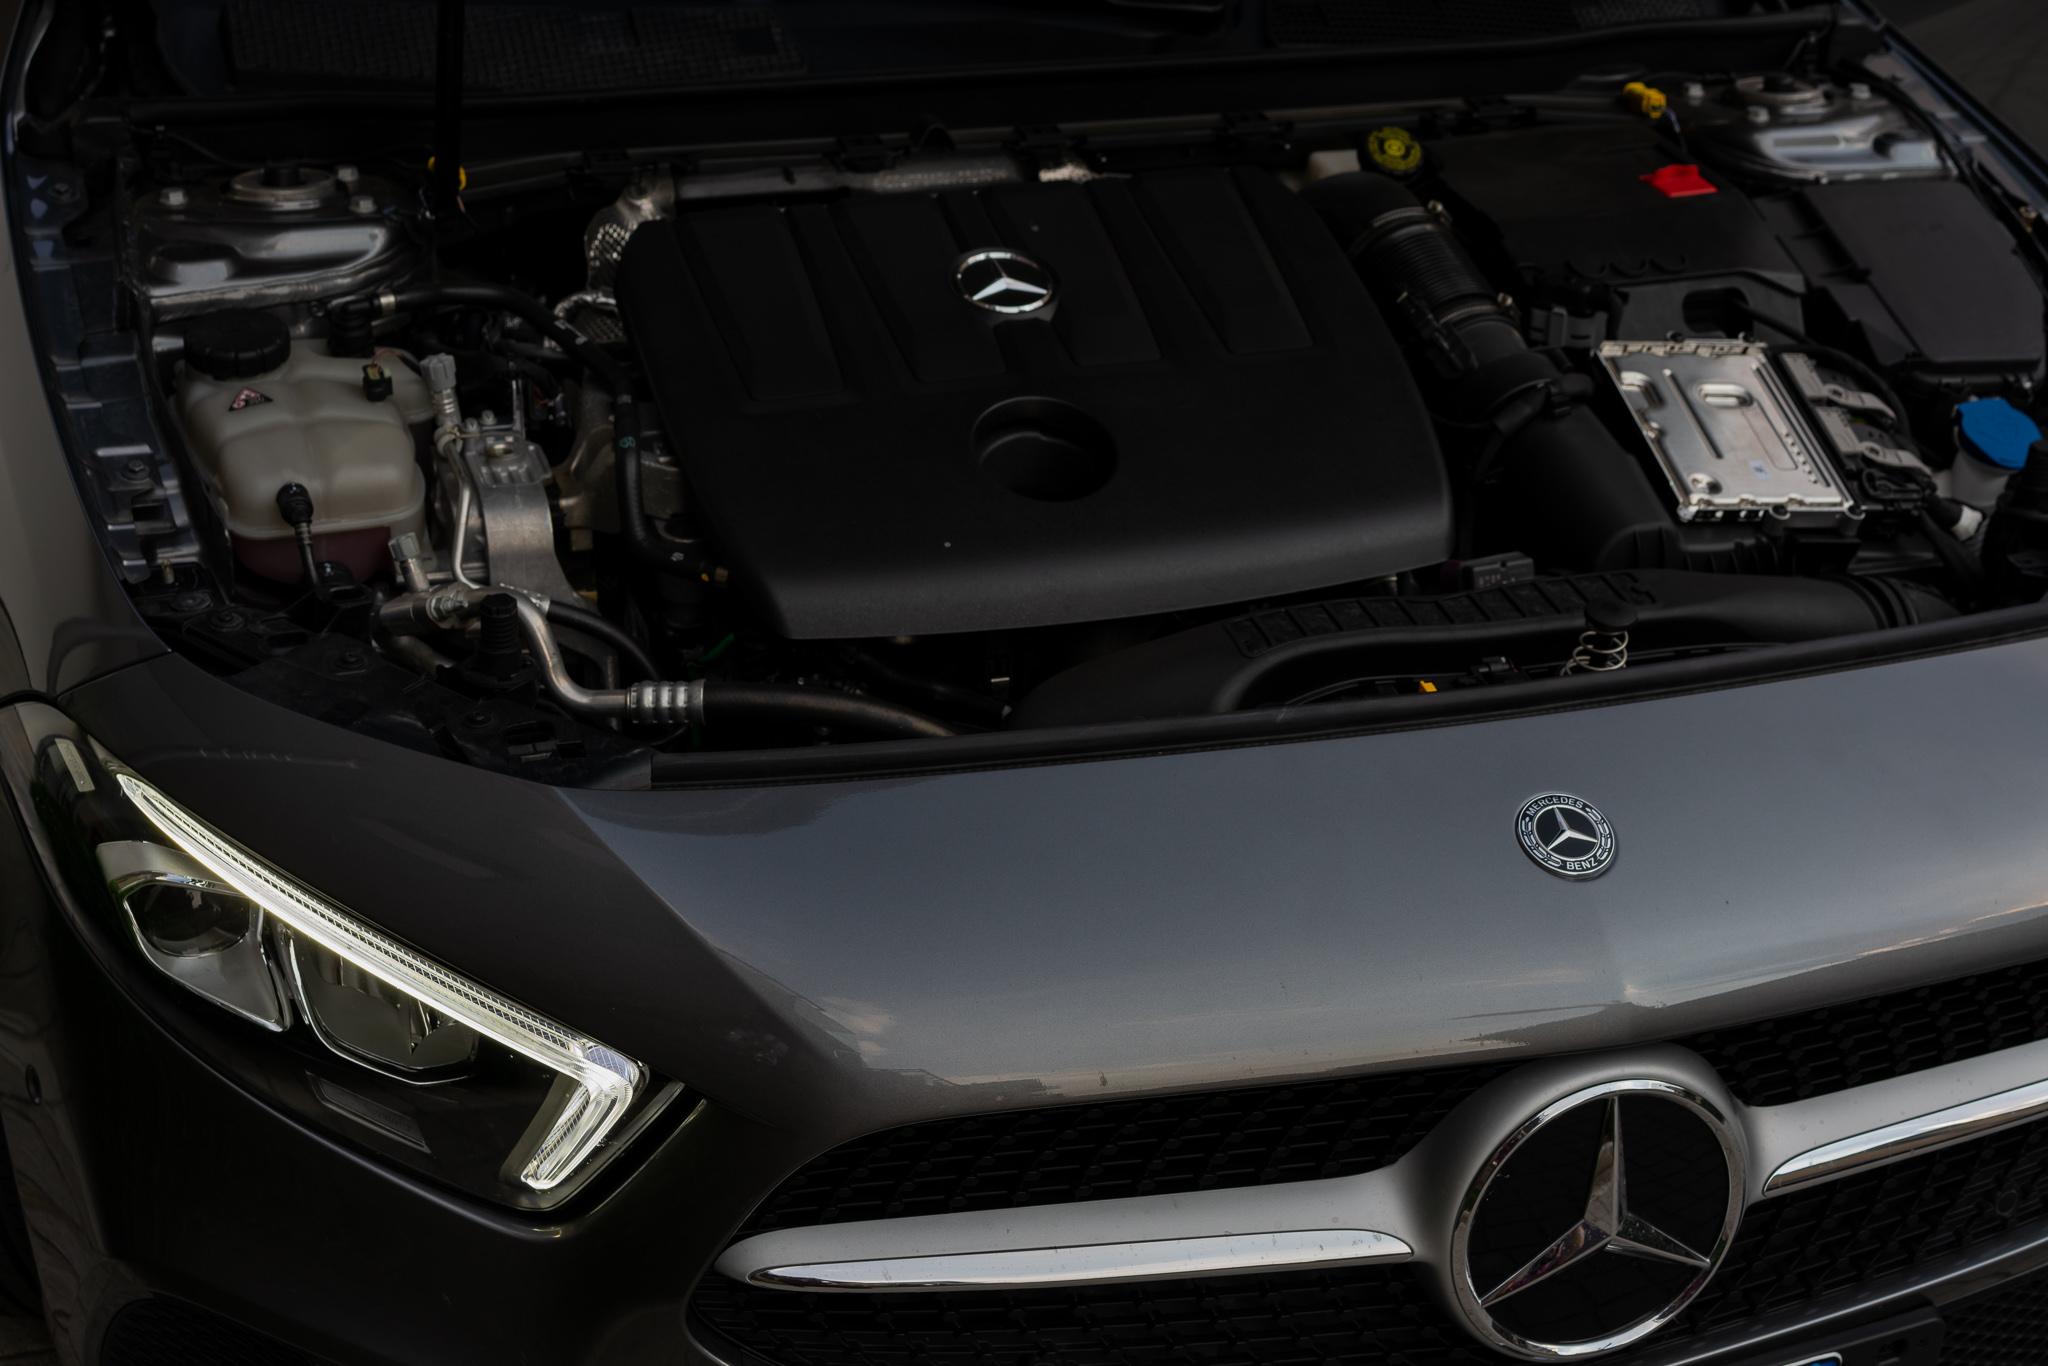 Mercedes Classe A motore